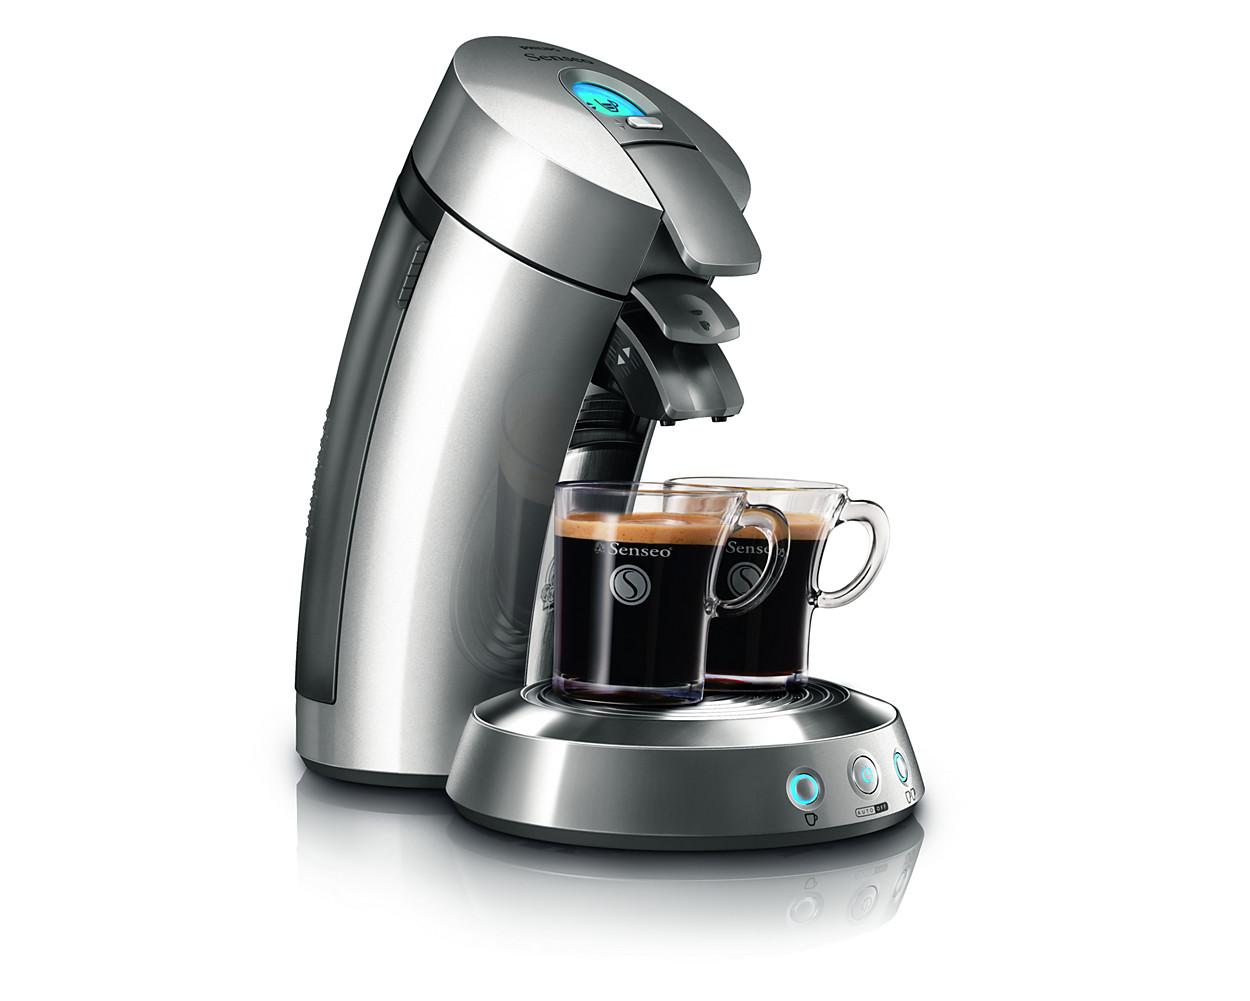 senseo padmaschine kaffee und espressomaschinen einebinsenweisheit. Black Bedroom Furniture Sets. Home Design Ideas